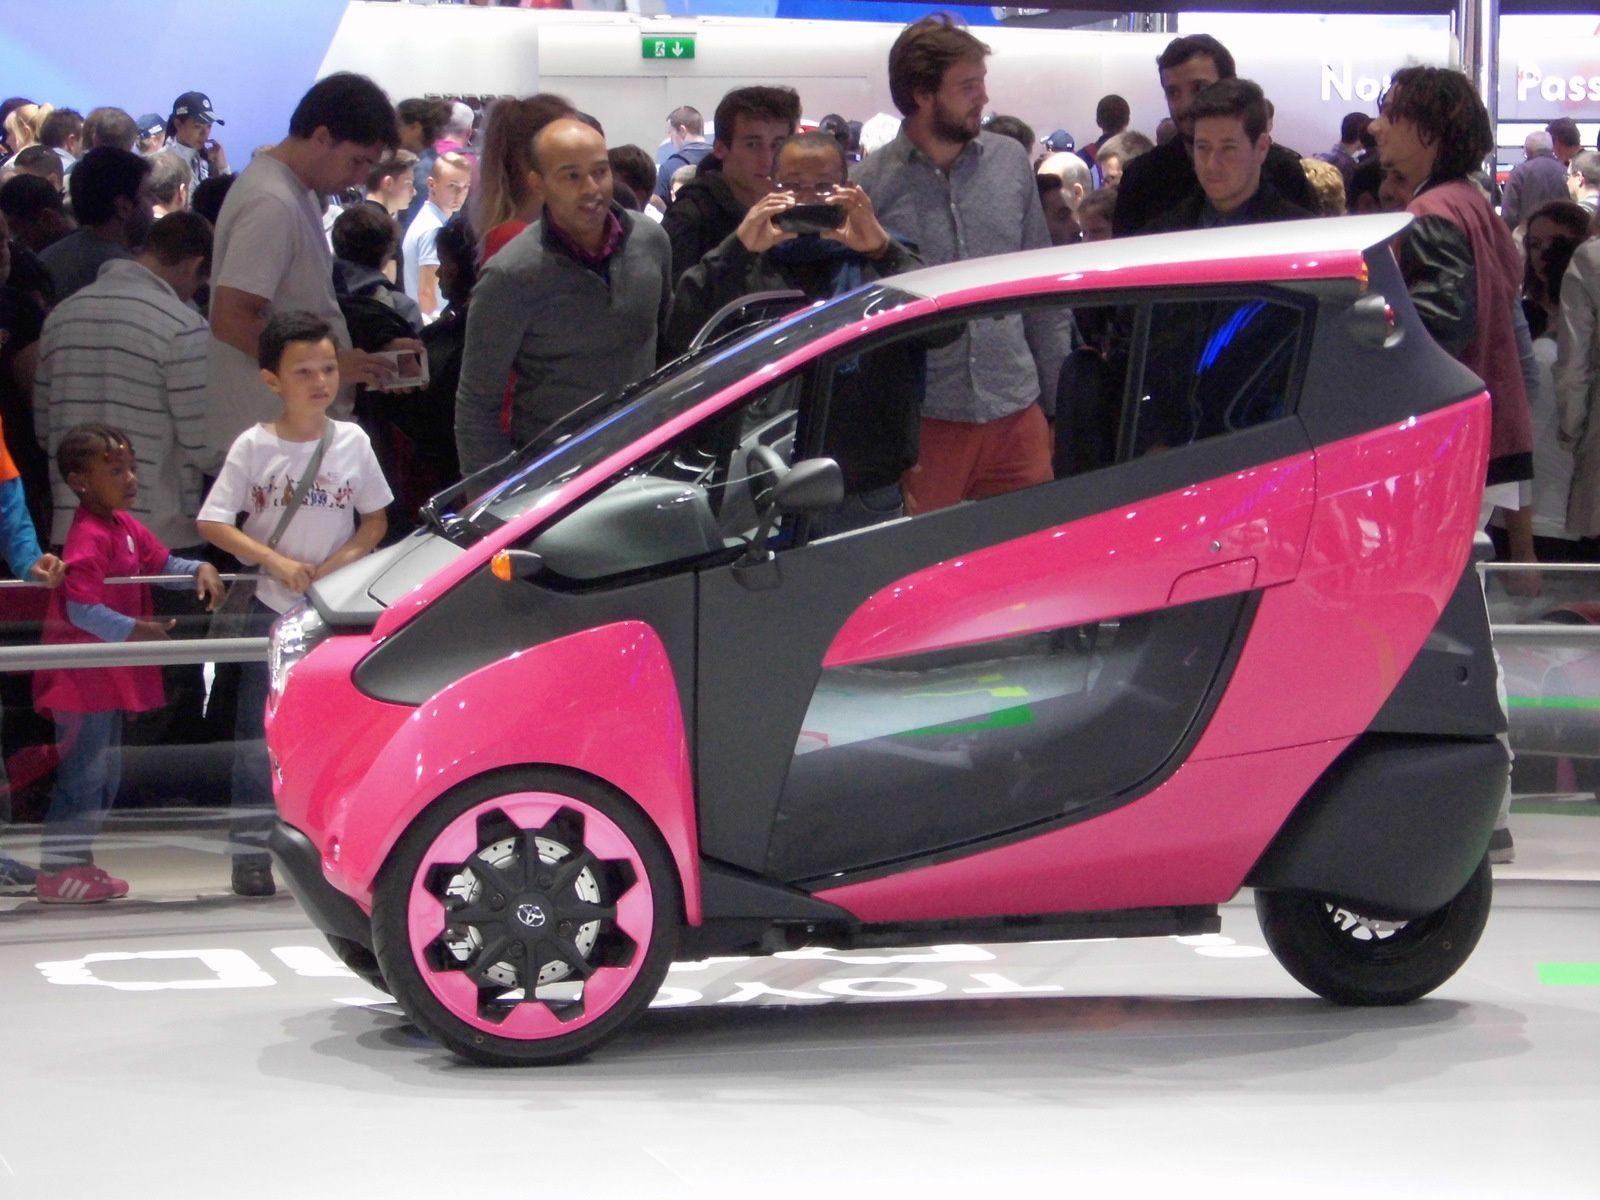 Après l'i-phone et l'i-pad voici l'i-road de Toyota, tout électrique à 3-roues, moitié scooter, moitié voiture (enfin micro-voiture).